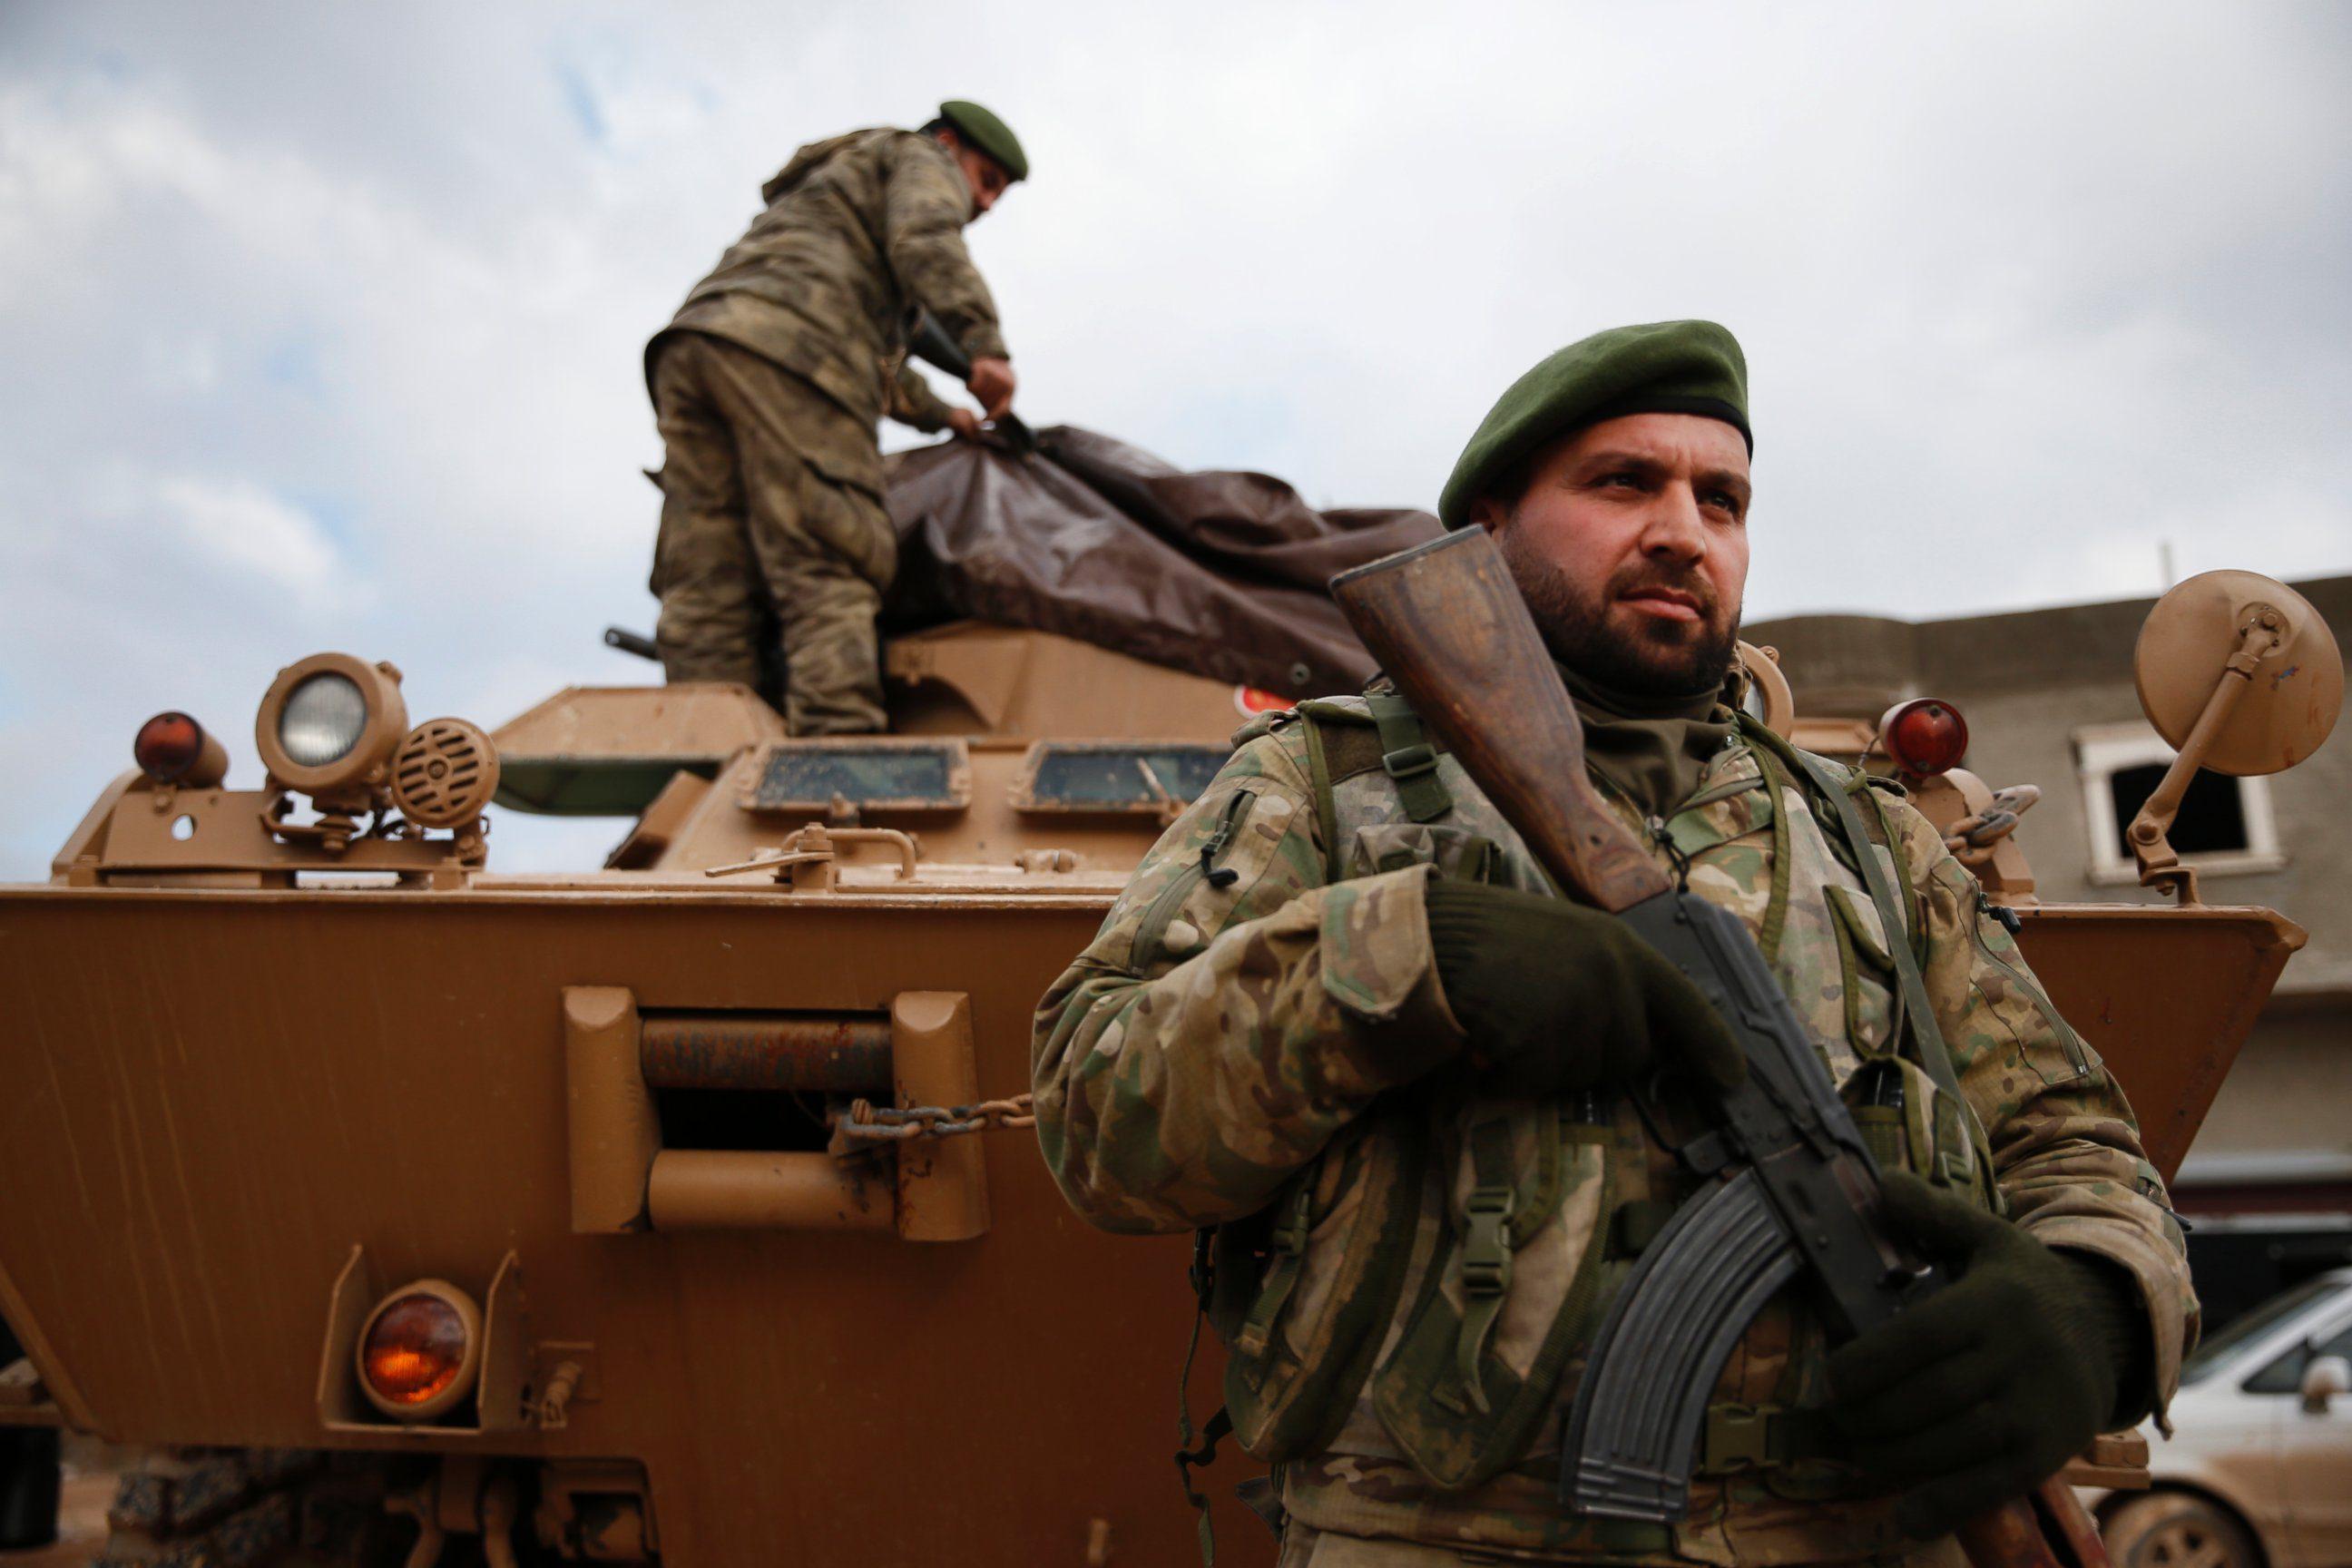 Συρία: 48 ώρες διορία για να φύγουν οι τζιχαντιστές από τον καταυλισμό Γιαρμούκ